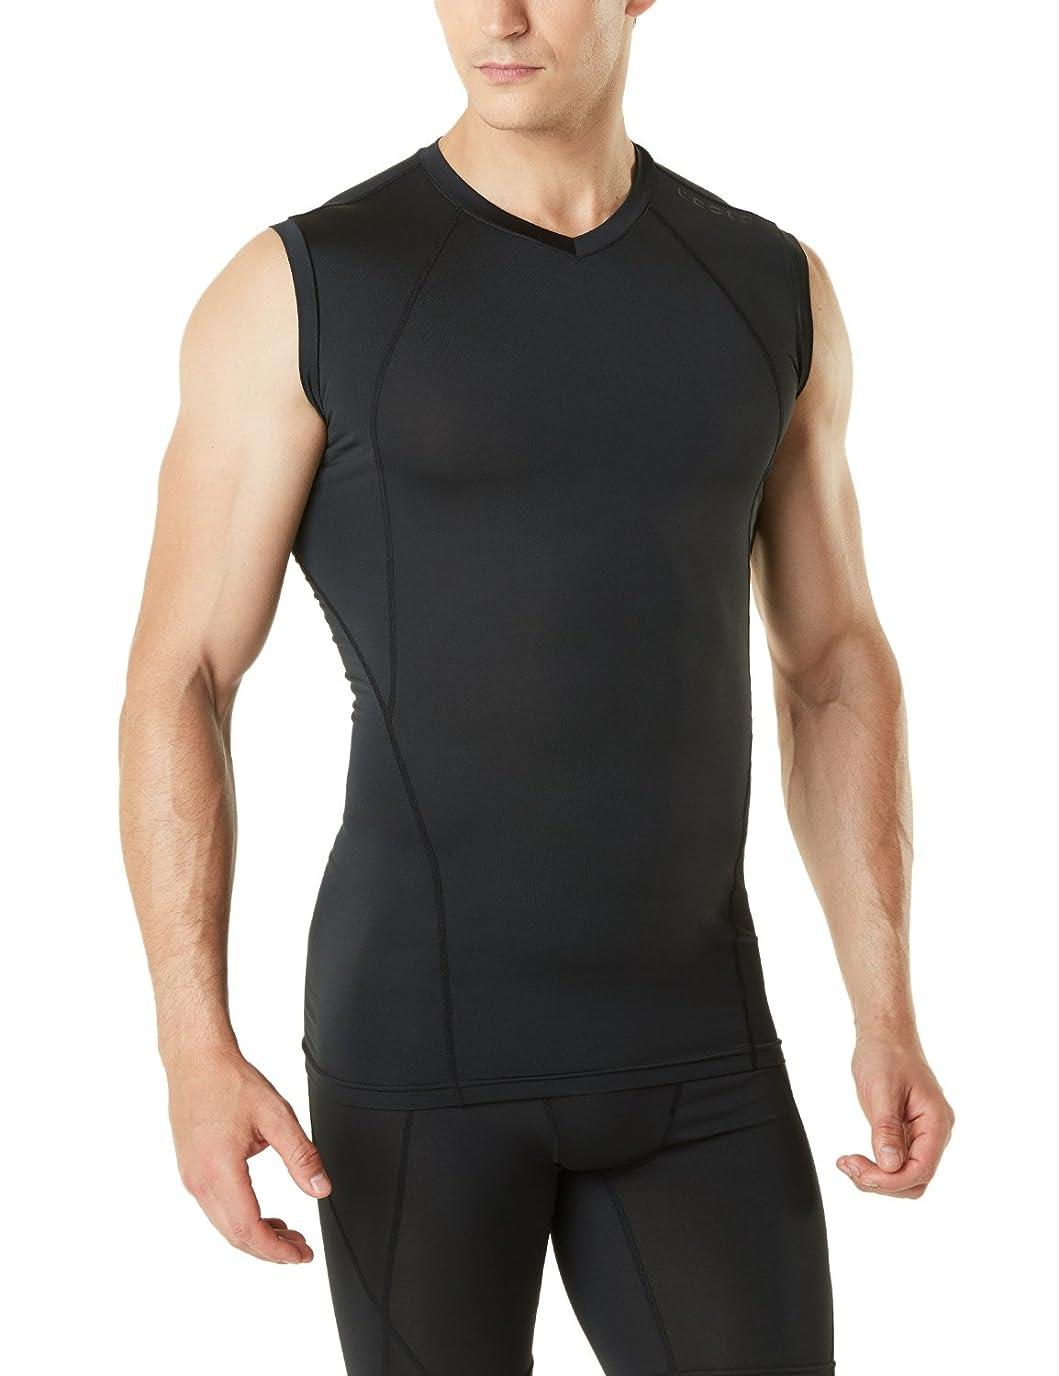 メトロポリタン具体的に評議会(テスラ)TESLA メンズ スリーブレス Vネック スポーツシャツ [UVカット?吸汗速乾] コンプレッションウェア パワーストレッチ アンダーウェア